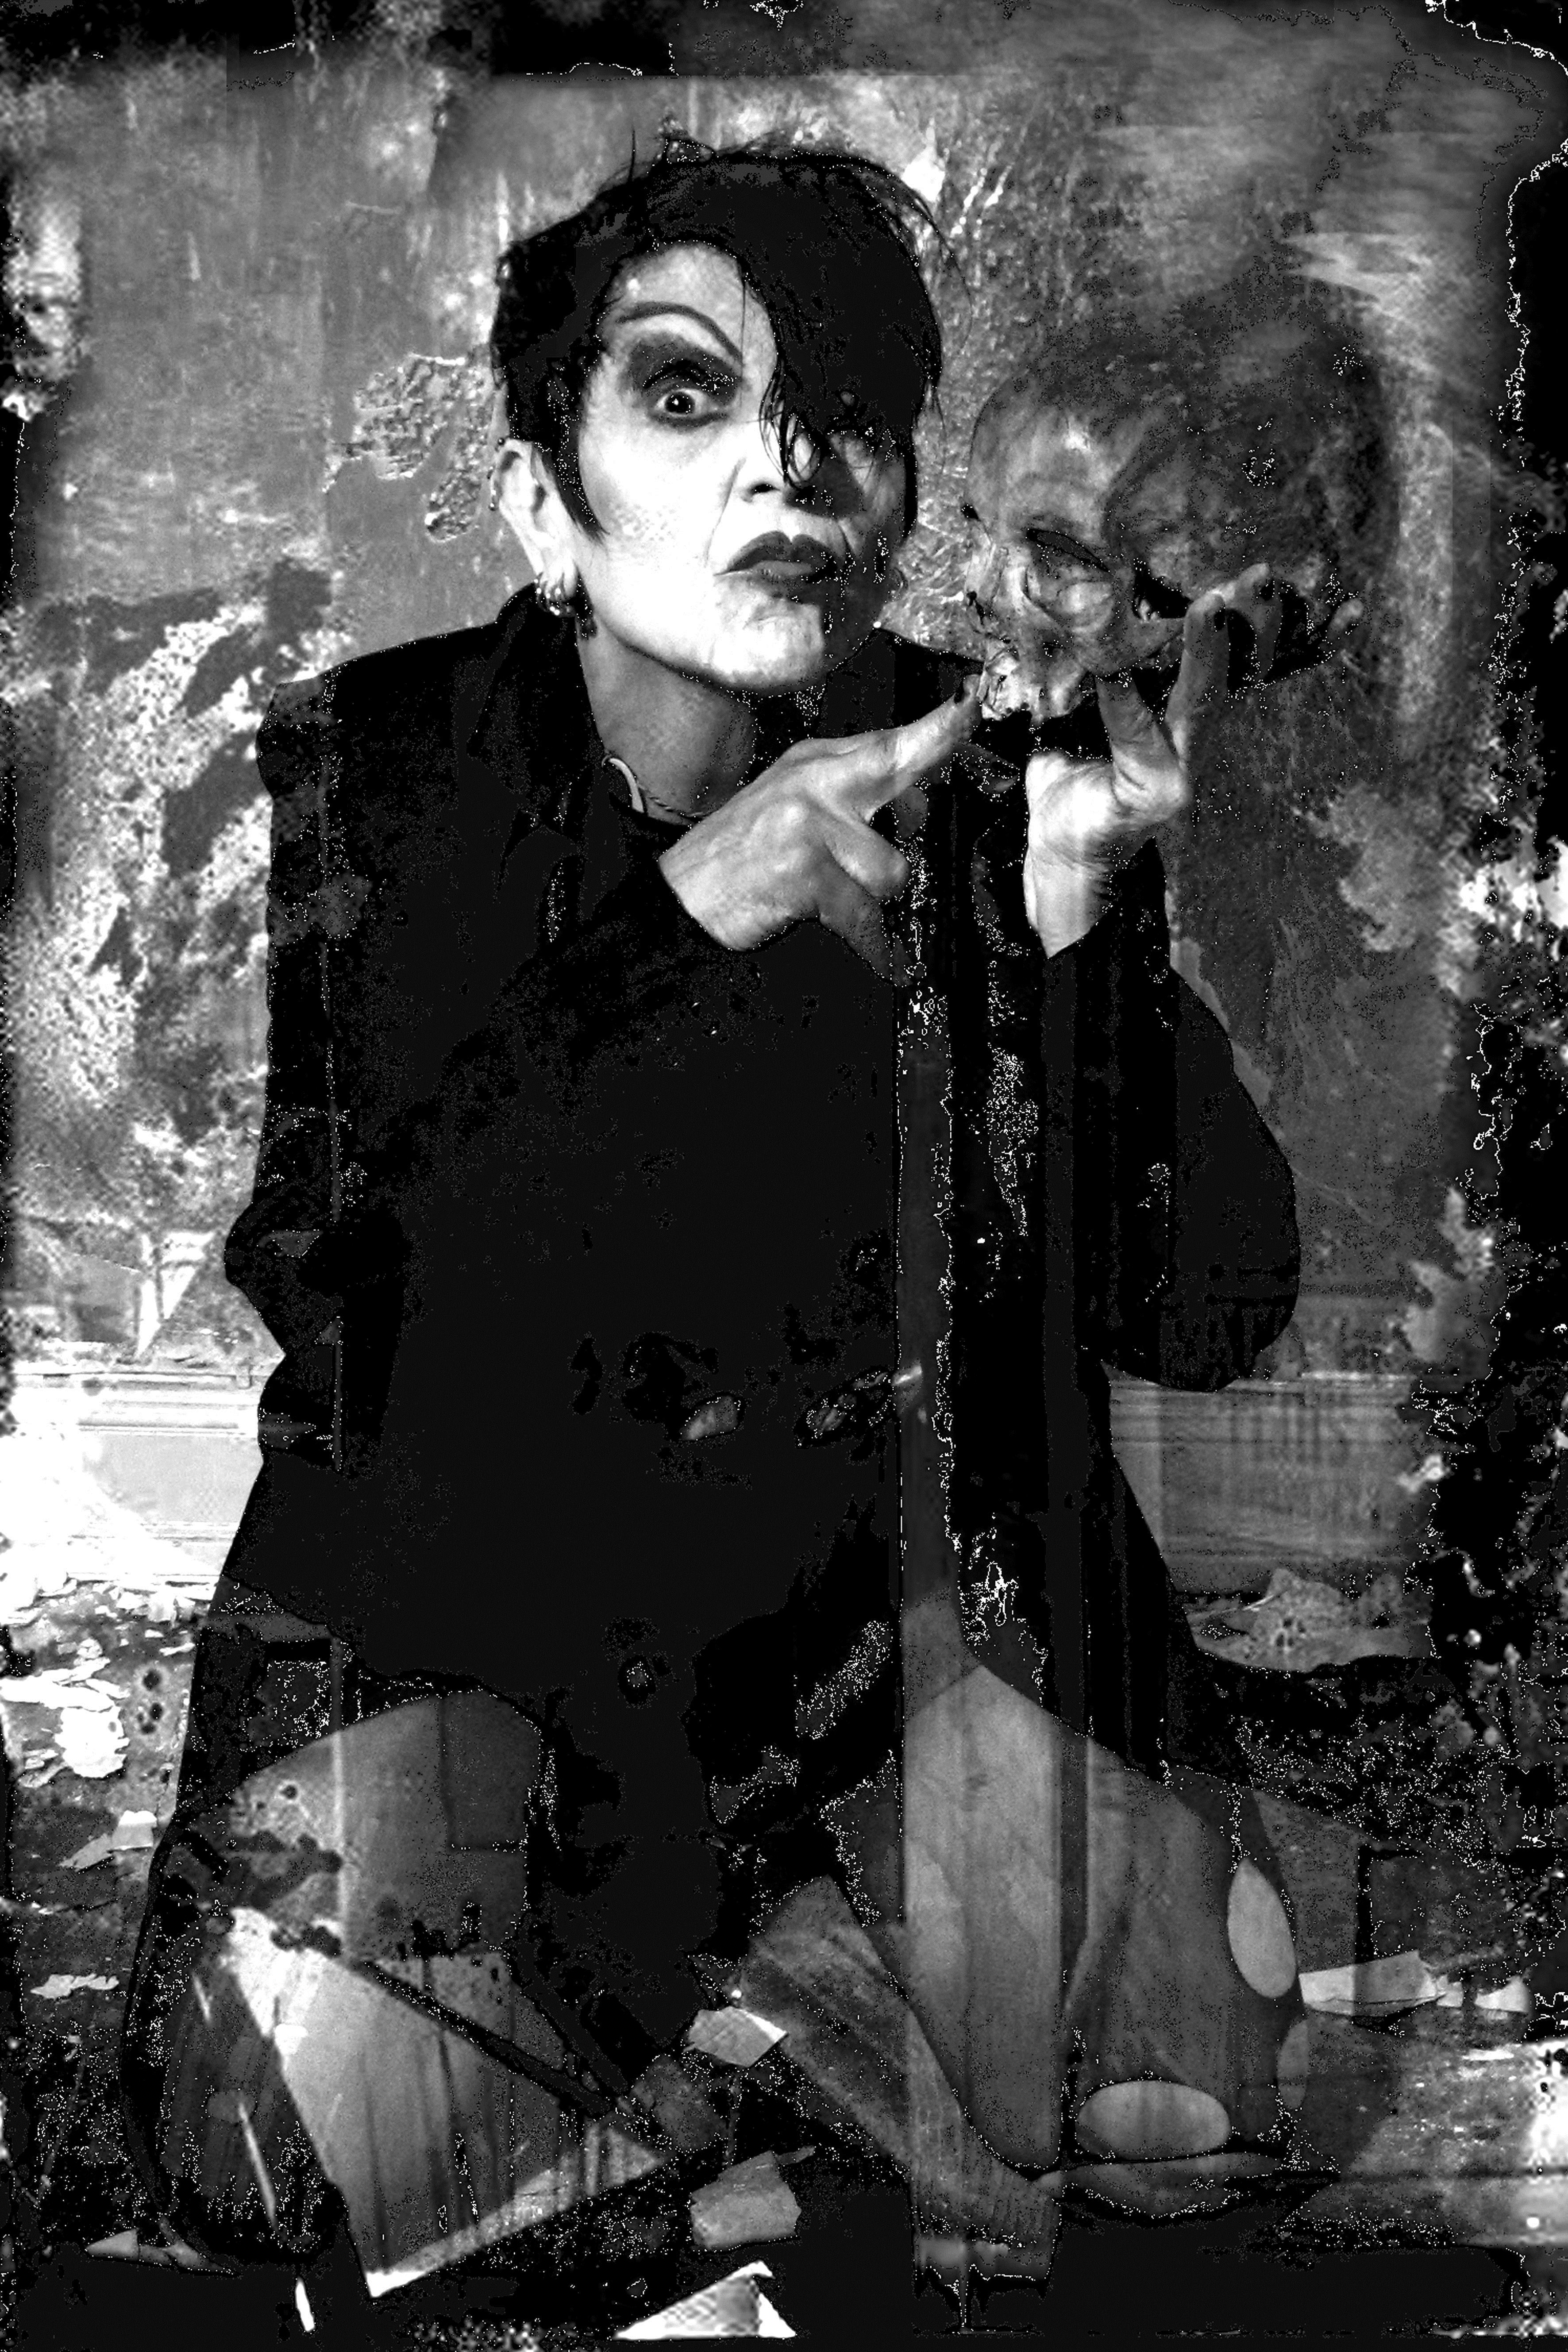 Aus der Serie: Die Zeit gehört mir, In: Sinfonie des Lebens (Konkursbuch Verlag 2016) © Krista Beinstein, facebook.com/Krista-Beinstein-151768794874197